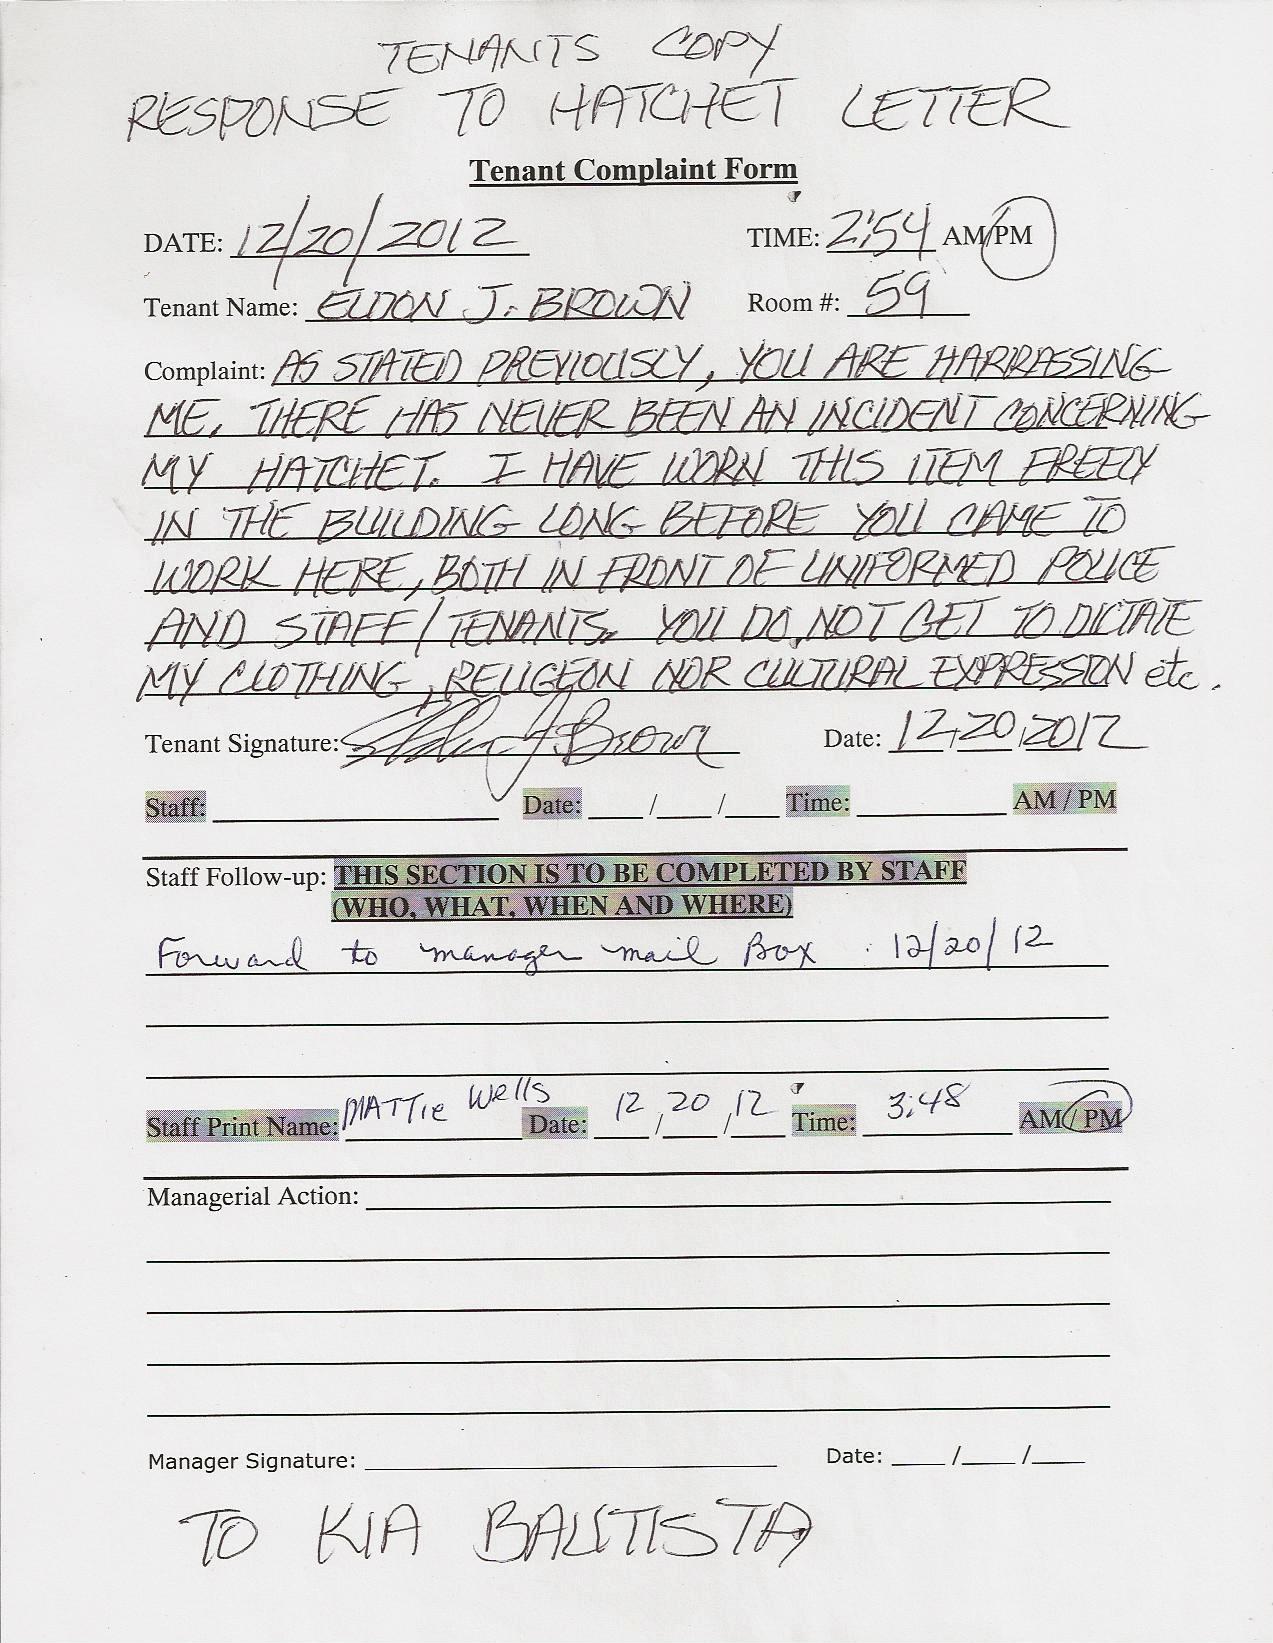 Complaint letter sample doritrcatodos complaint letter sample spiritdancerdesigns Gallery